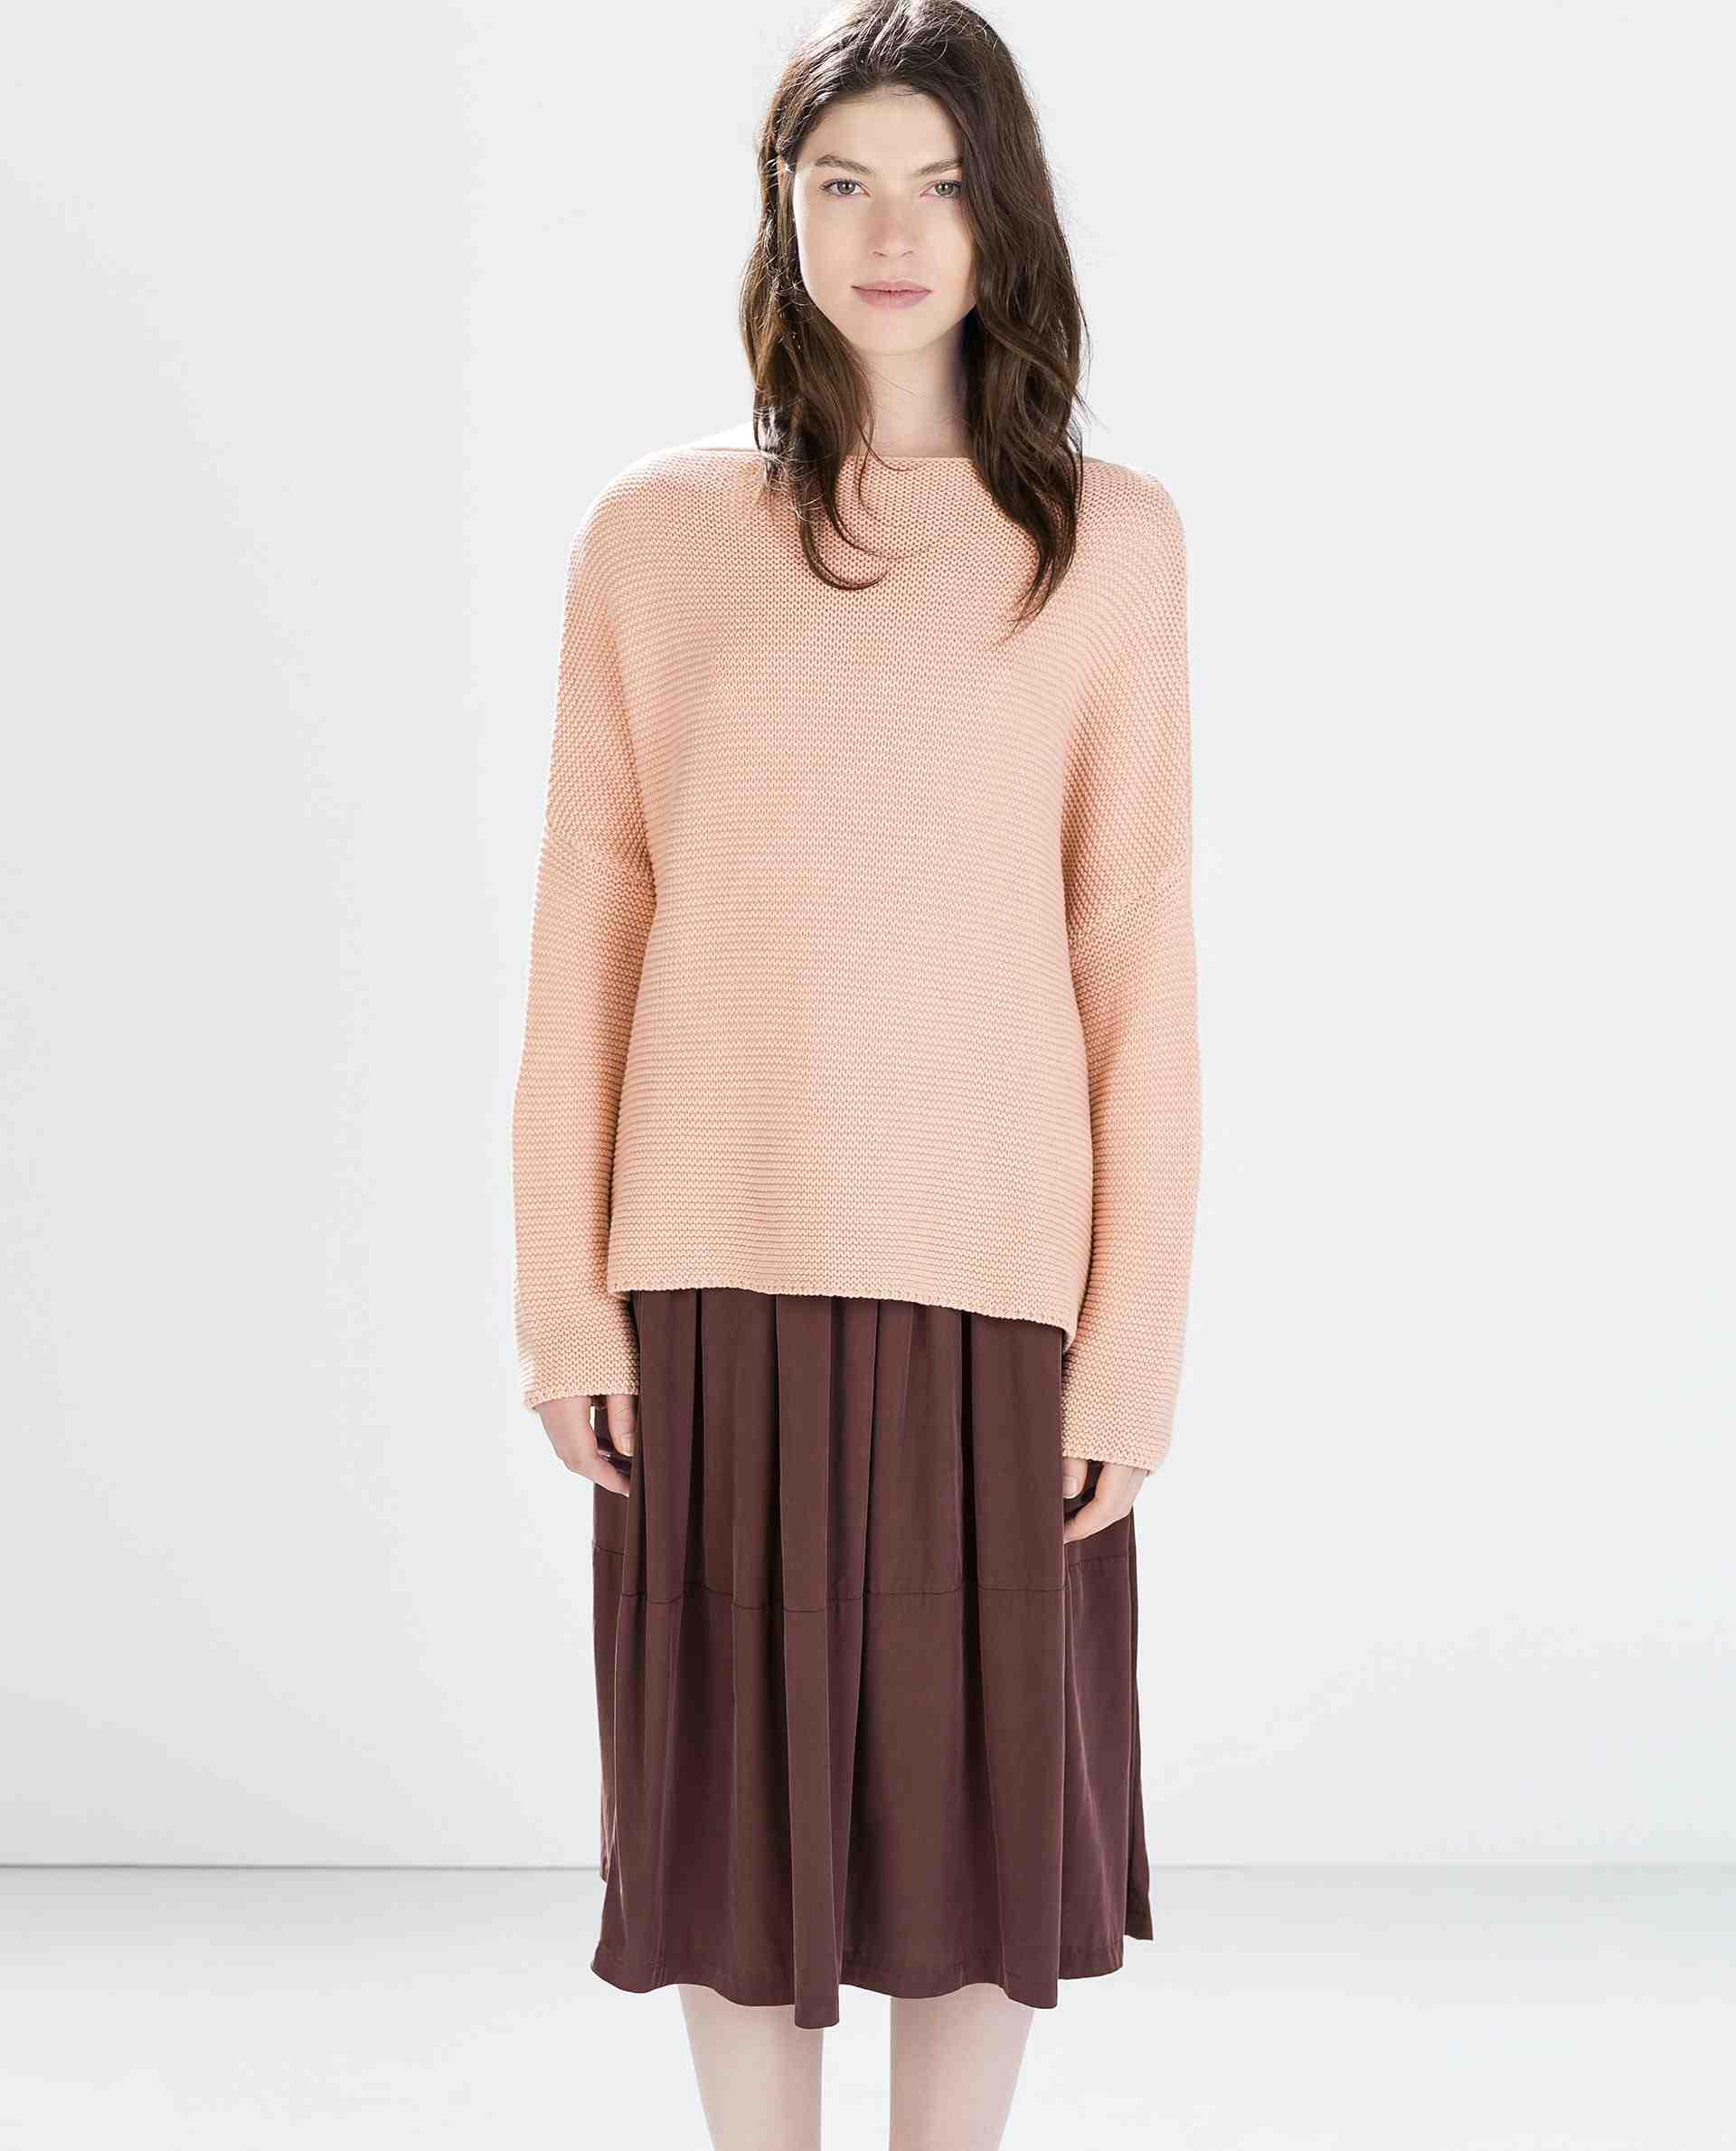 Zara - Pull(40 €)